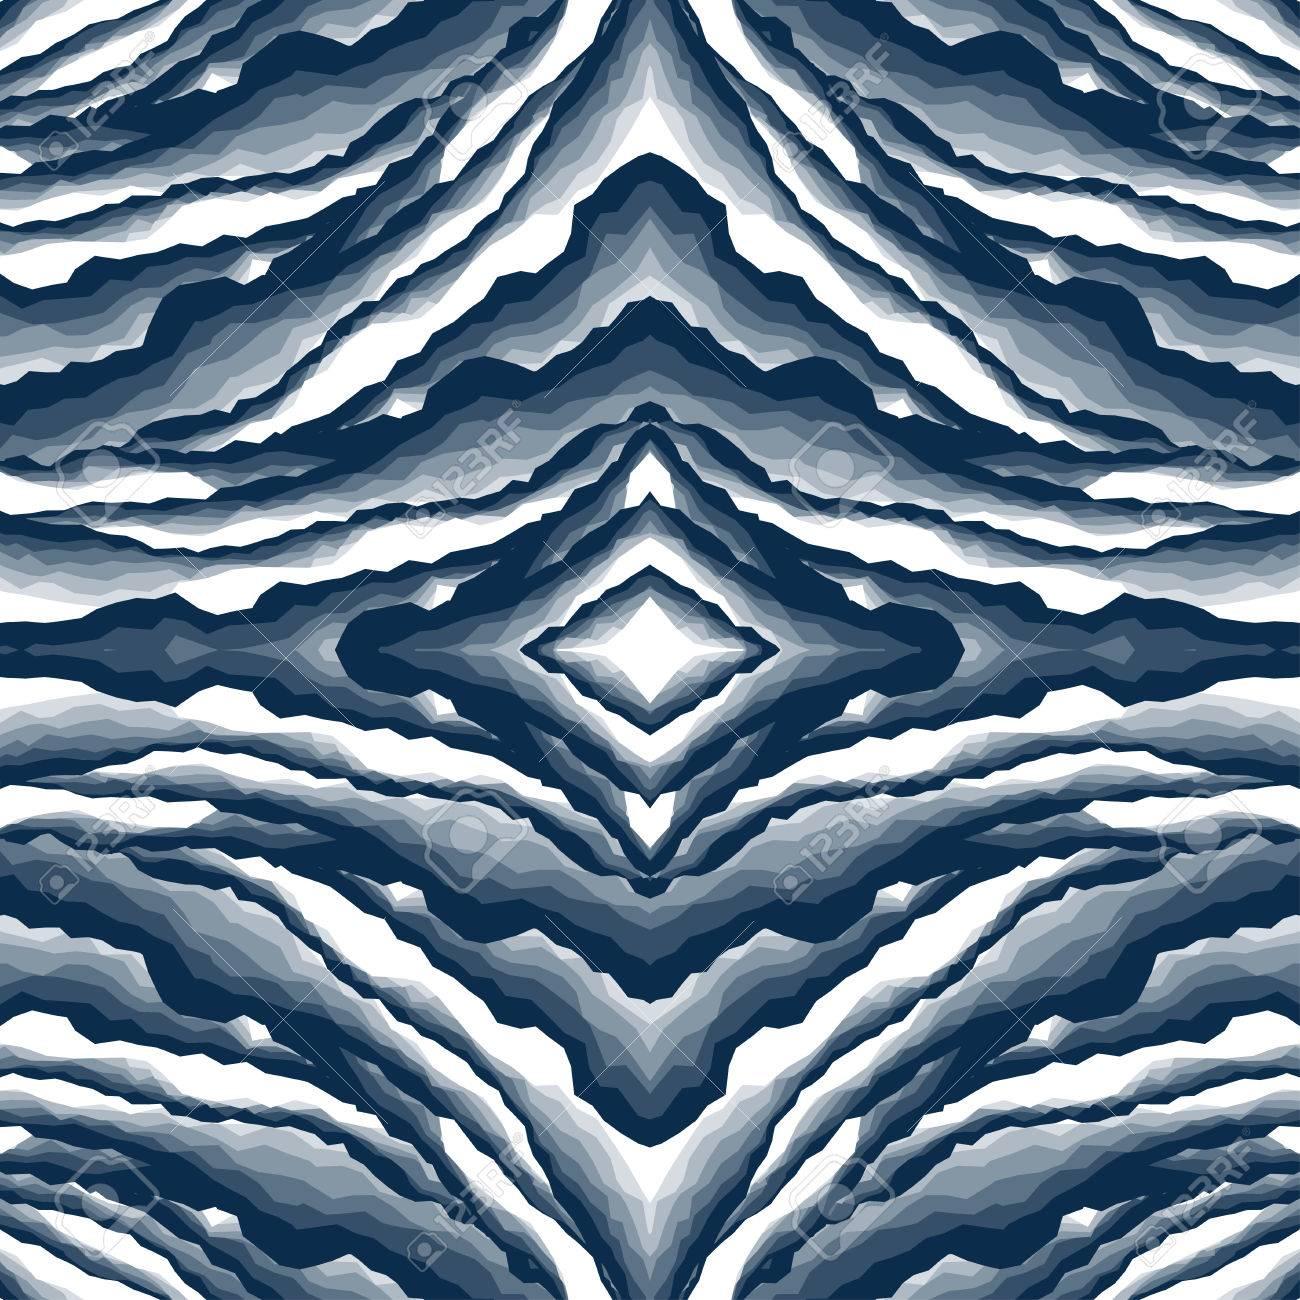 Sfondo Di Marmo Astratto Corteccia Montagna Strato Di Pietra Blu Scuro Tonalità Di Colore